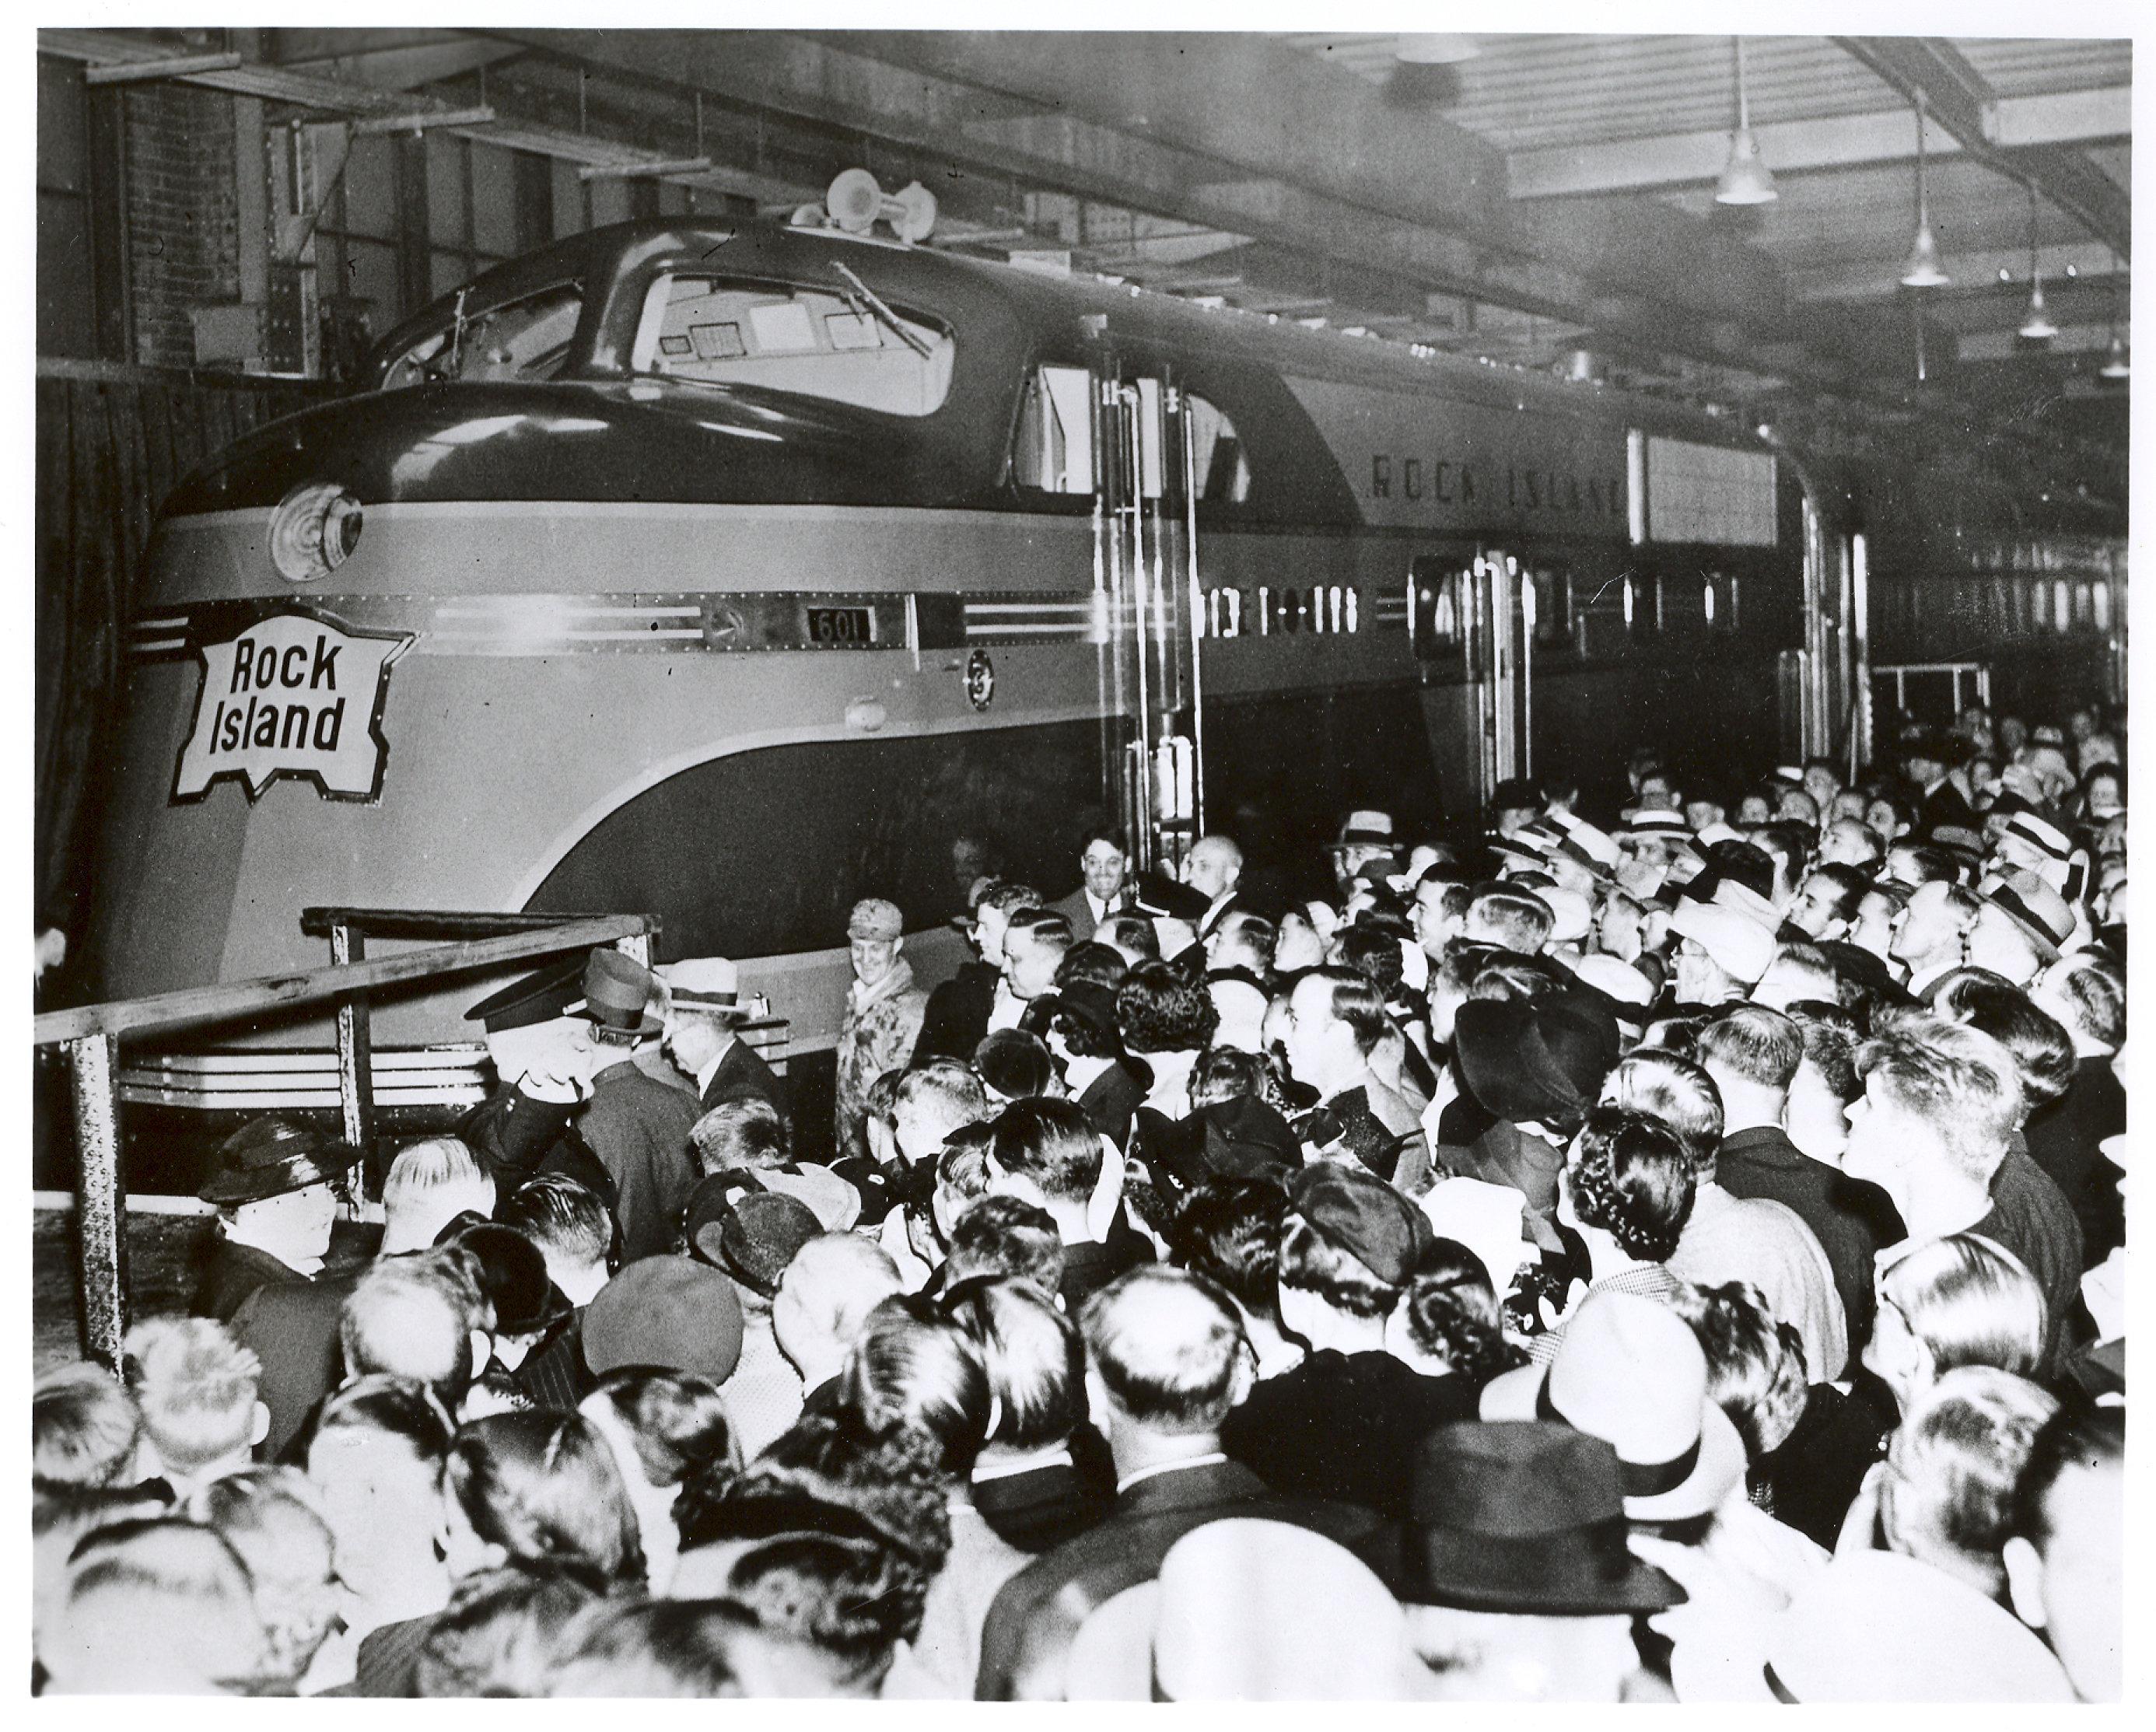 EMD Historical Images